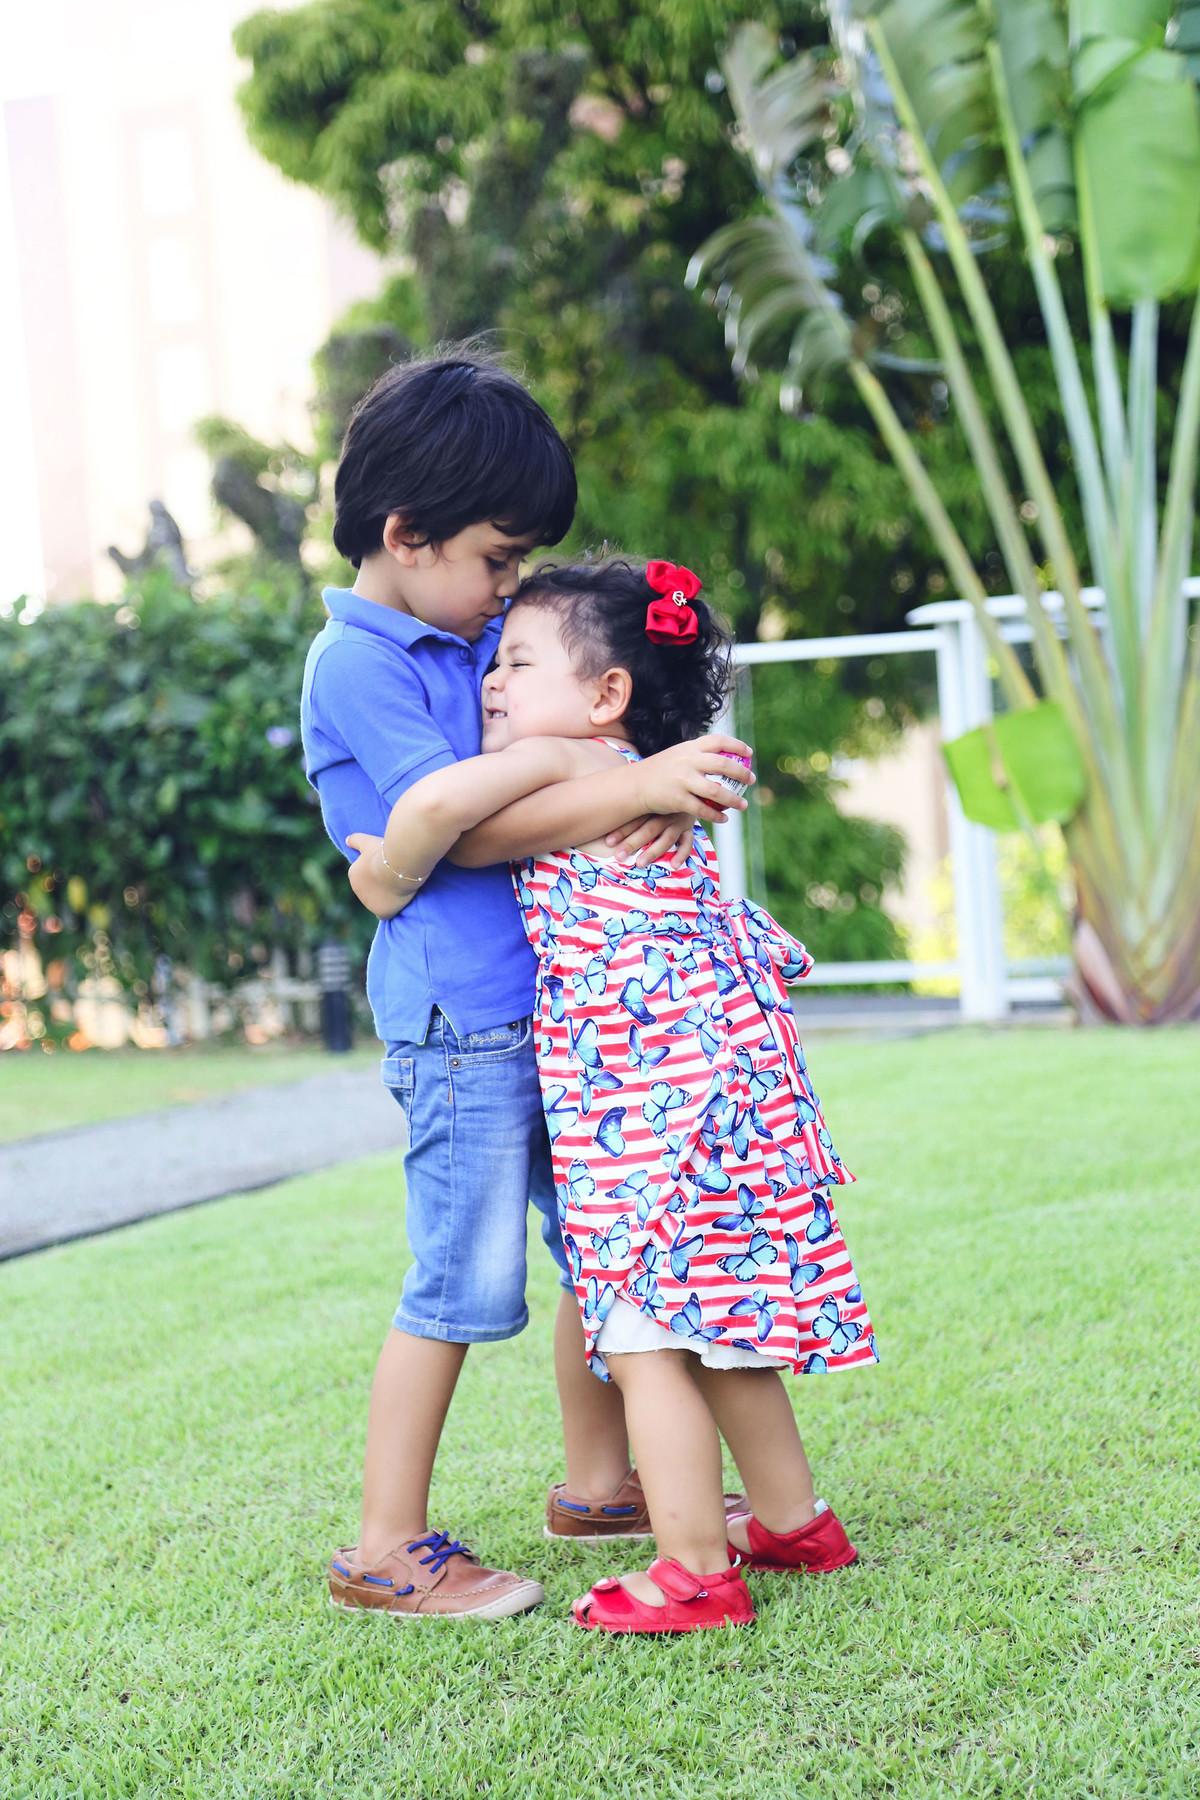 Ensaio família -  Família Gomes - Jaraguá do Sul - chroma fotografia - família Xavier